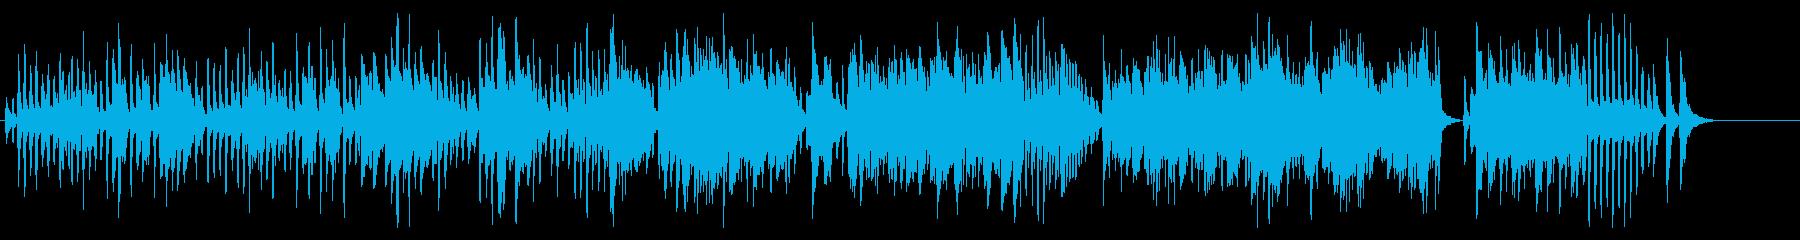 トマ作曲のガヴォットをヴァイオリンでの再生済みの波形